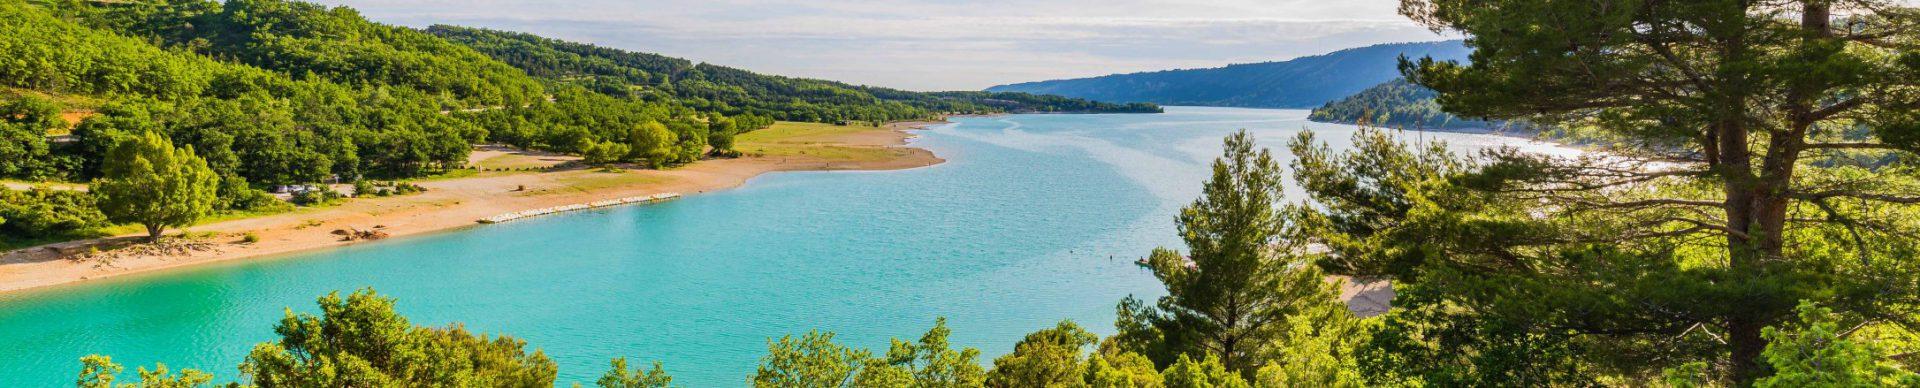 P dalo au lac de sainte croix du verdon alpes de haute - Sainte croix du verdon office du tourisme ...